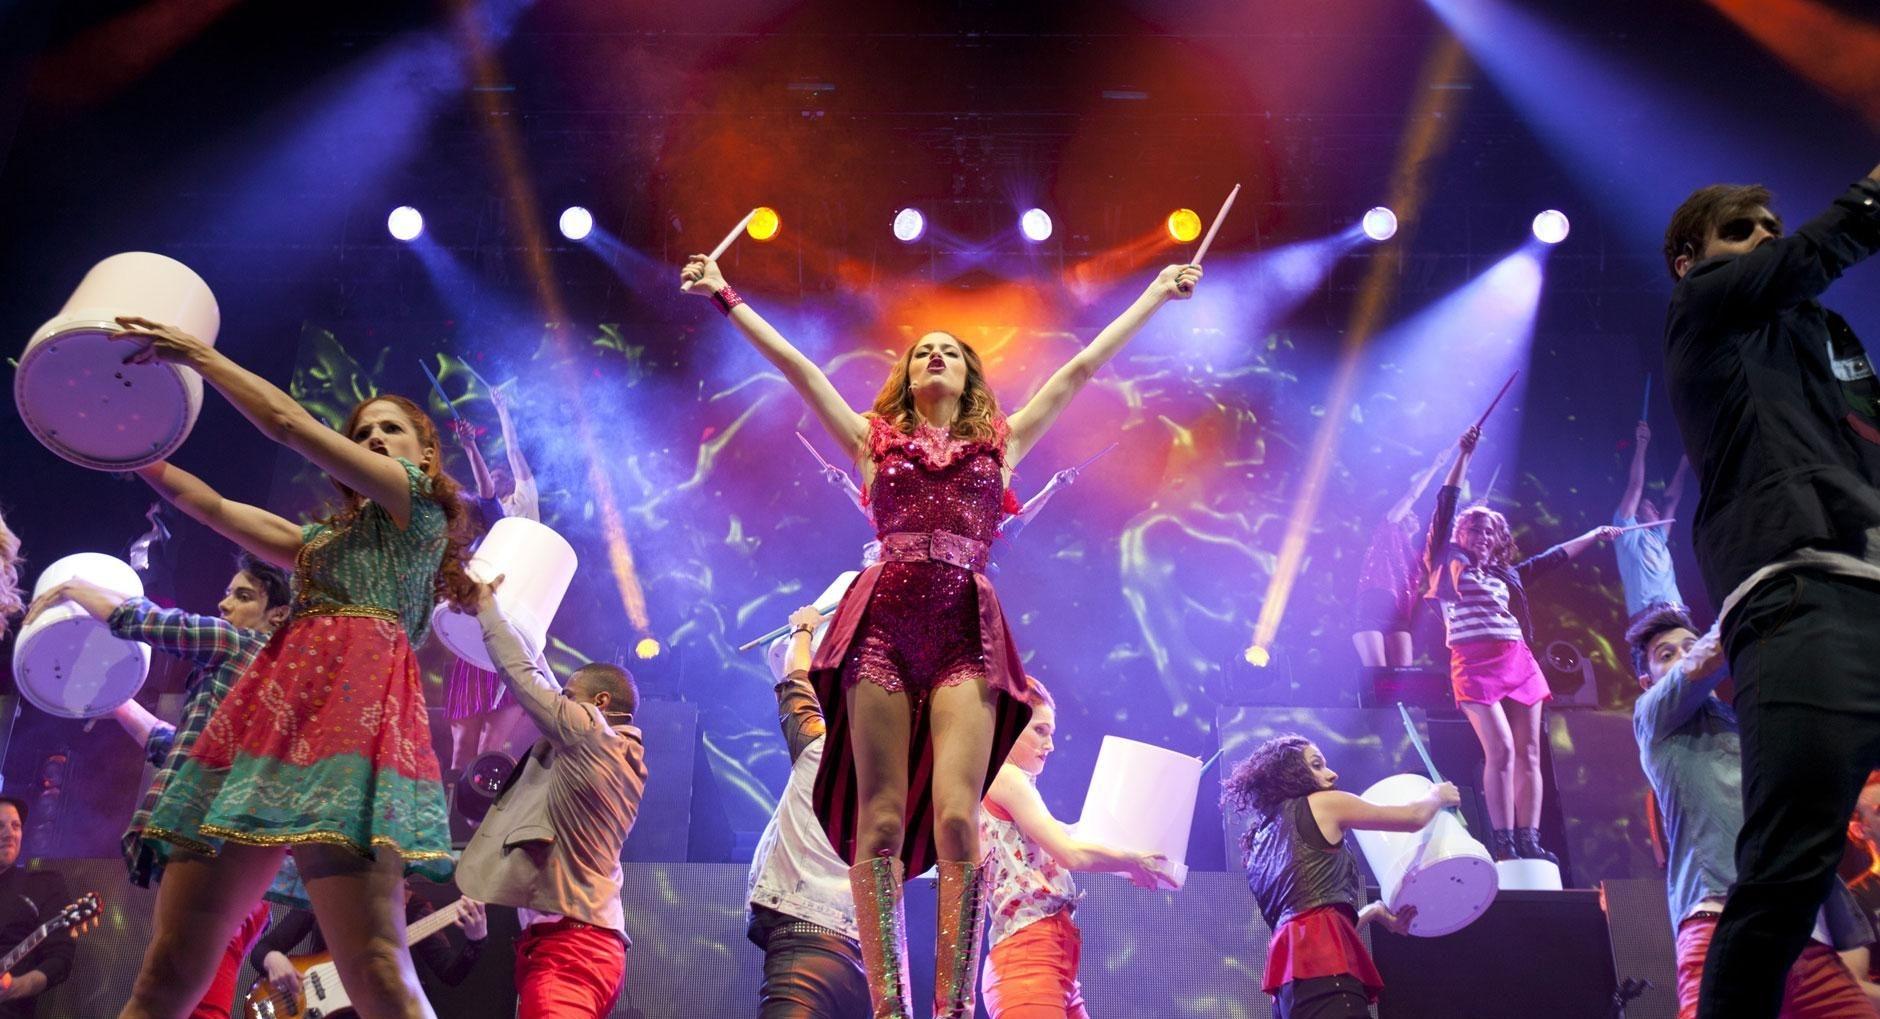 Violetta - Backstage Pass: un'immagine del concerto milanese su cui è basato l'evento cinematografico